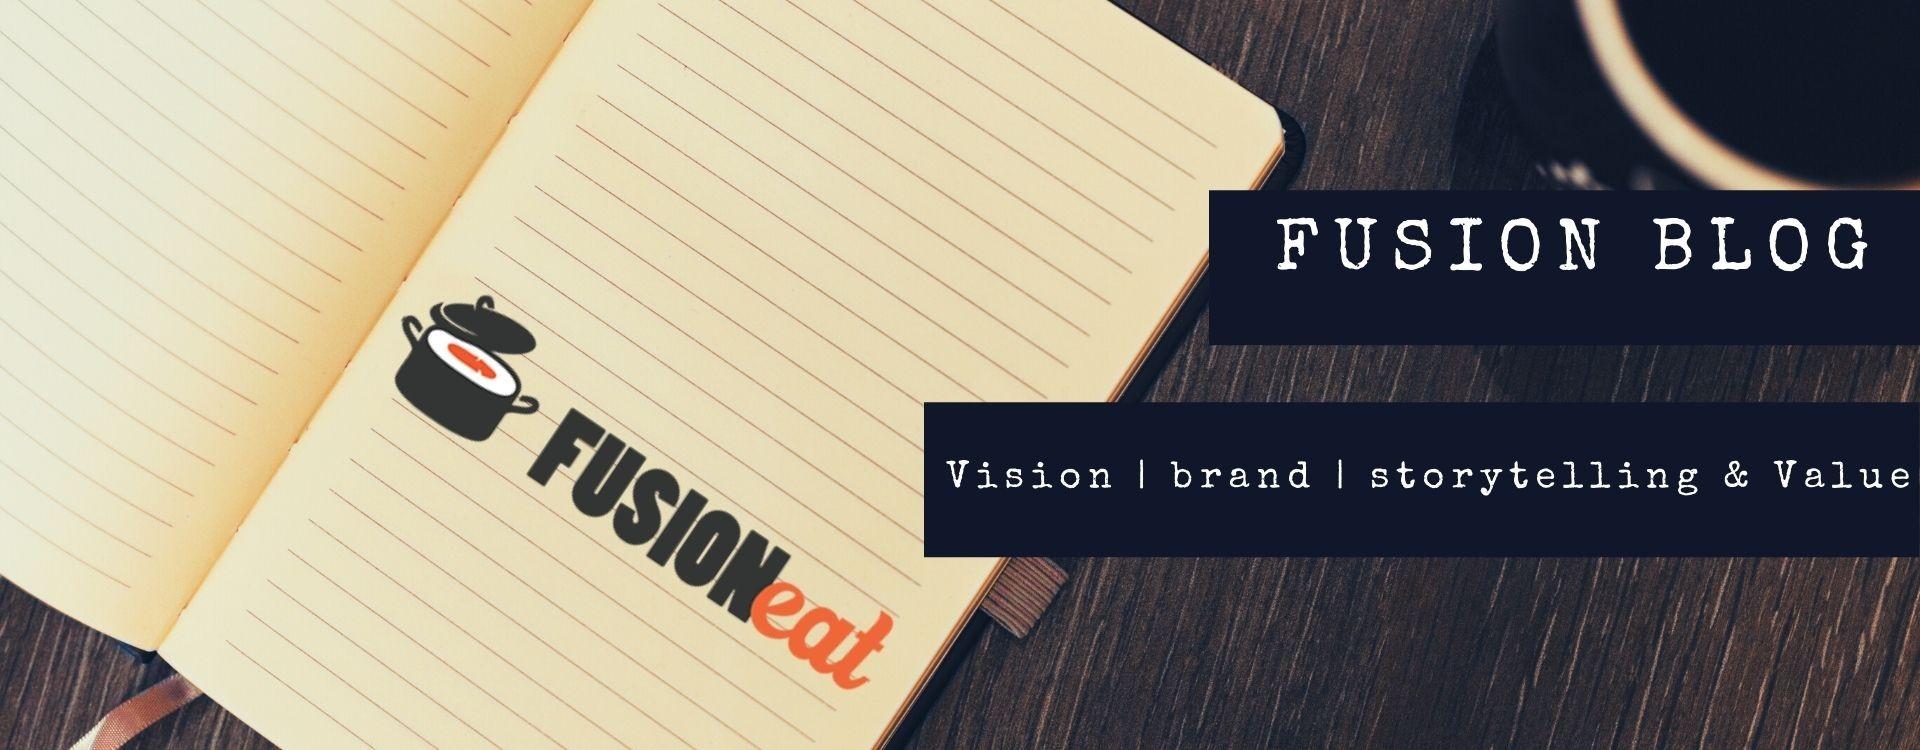 FusionBlog